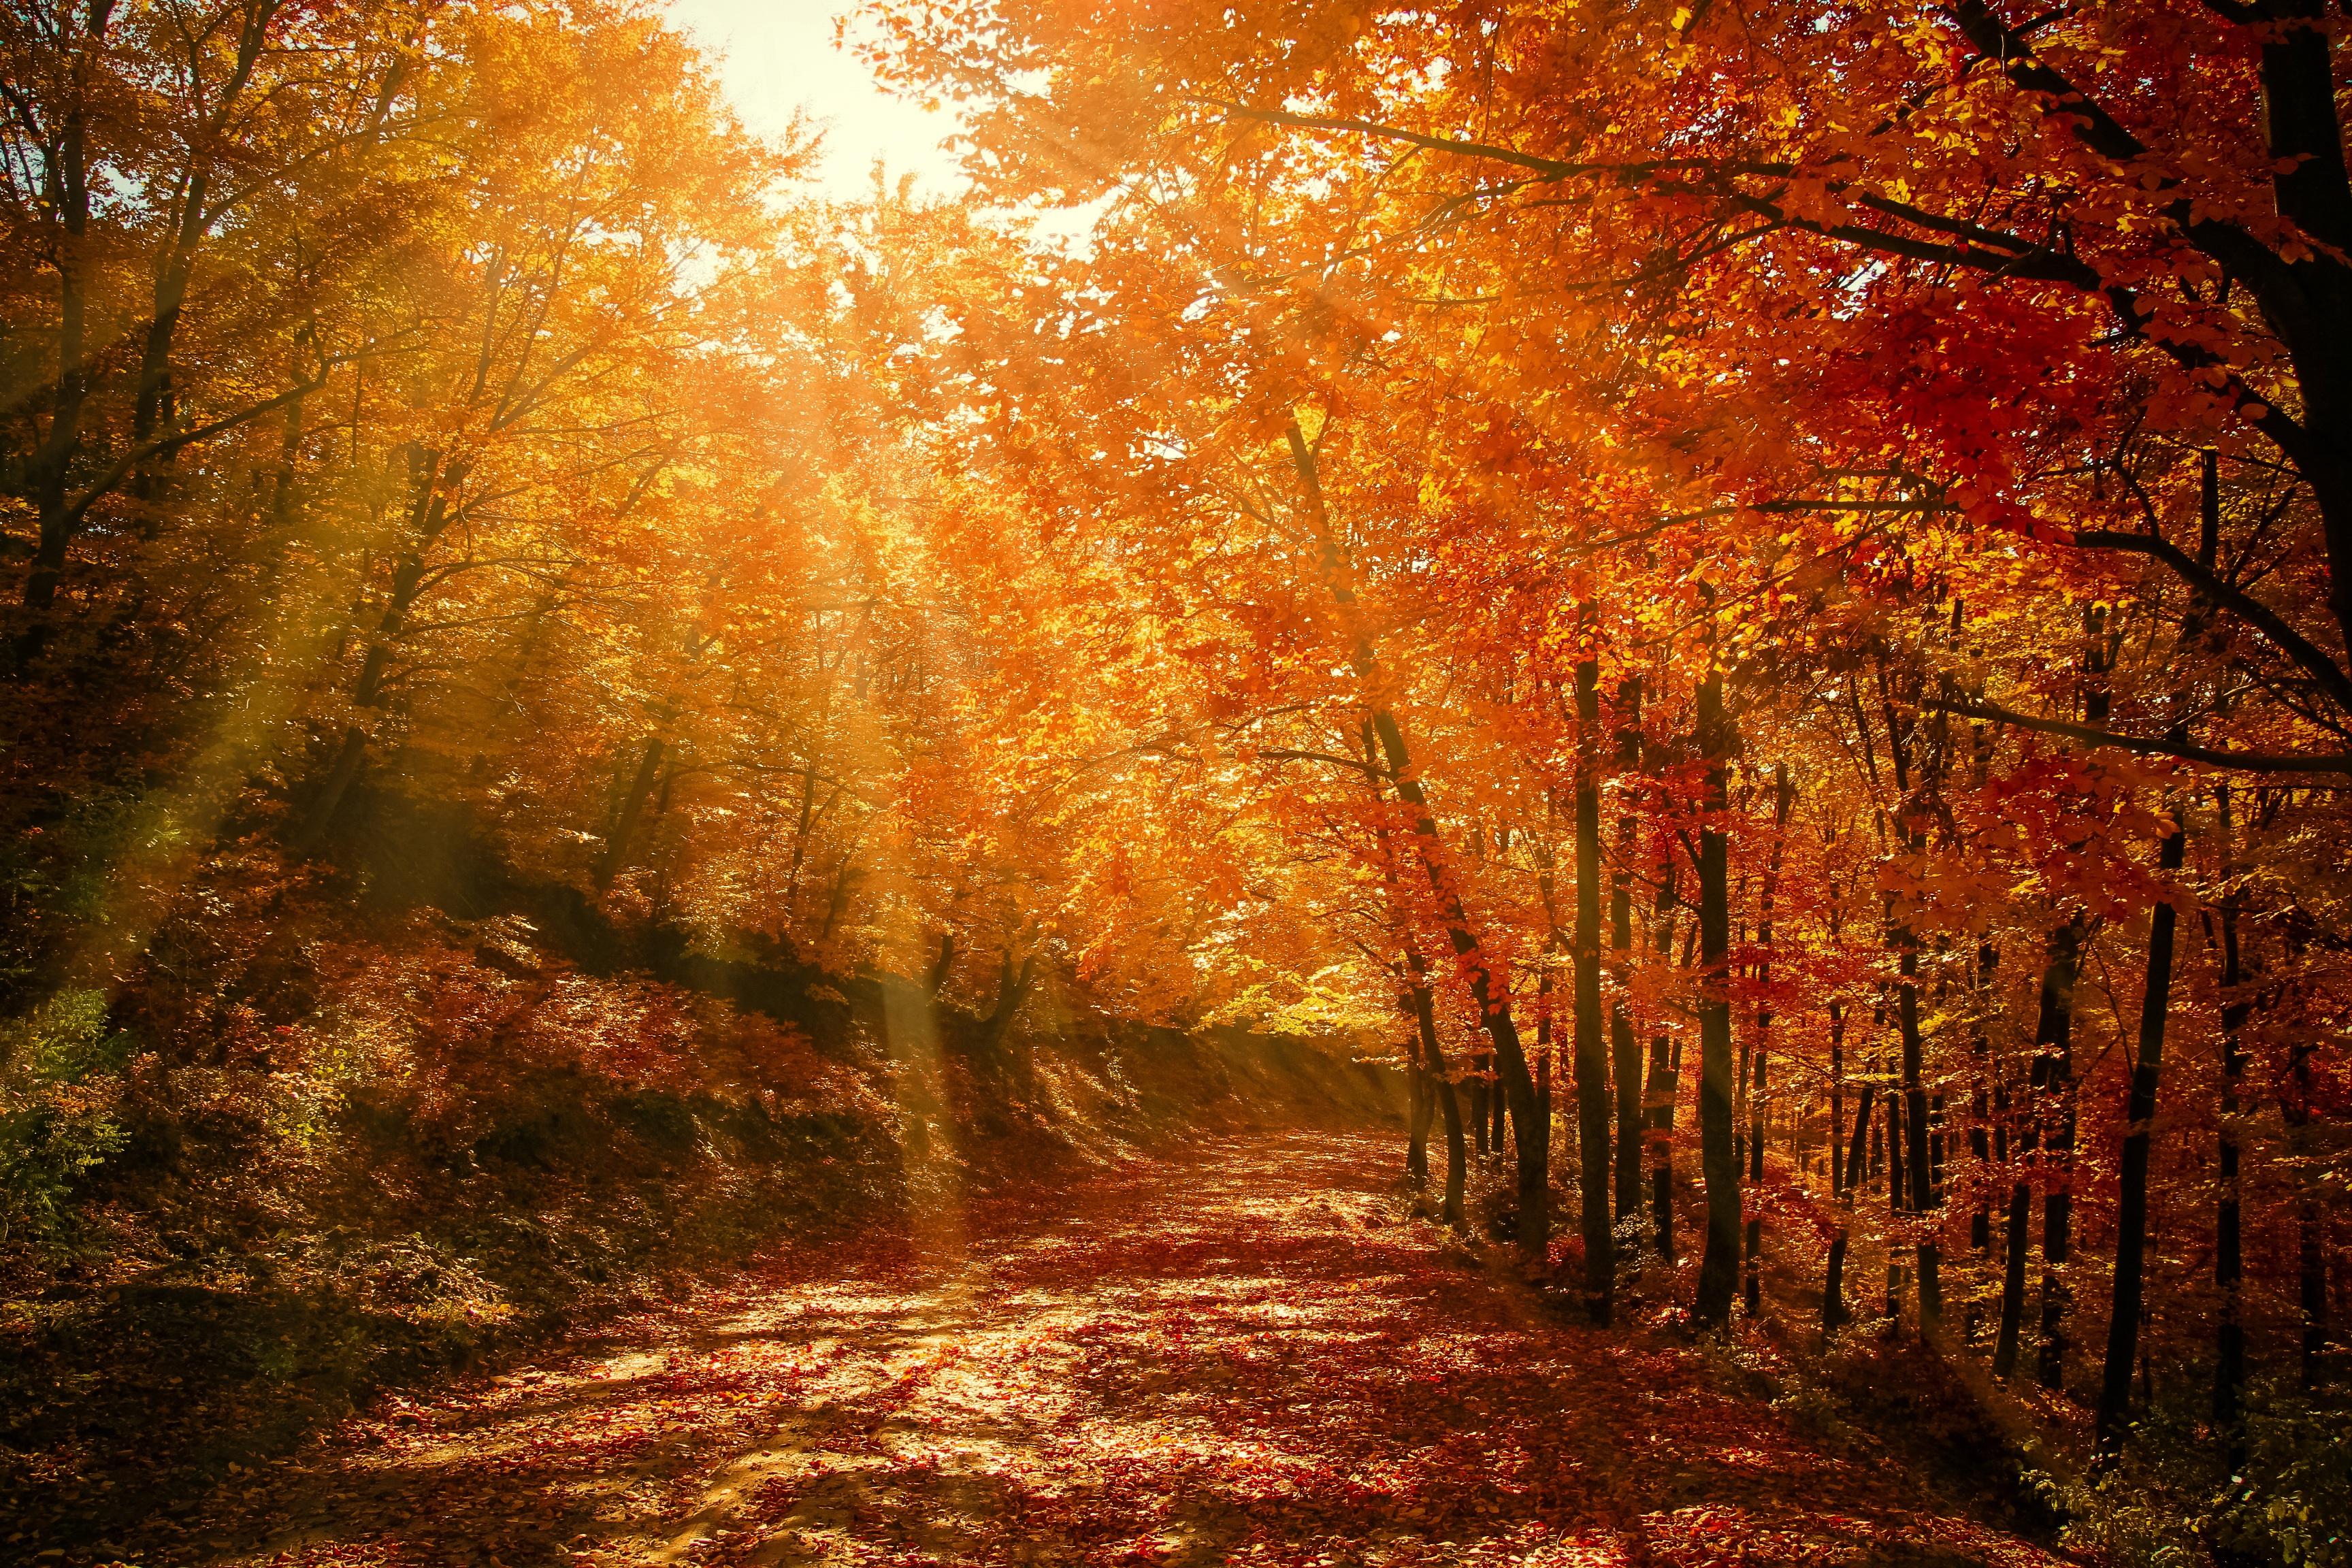 64335 завантажити шпалери Природа, Осінь, Листя, Ліс, Парк, Сонячне Світло, Сонячного Світла - заставки і картинки безкоштовно